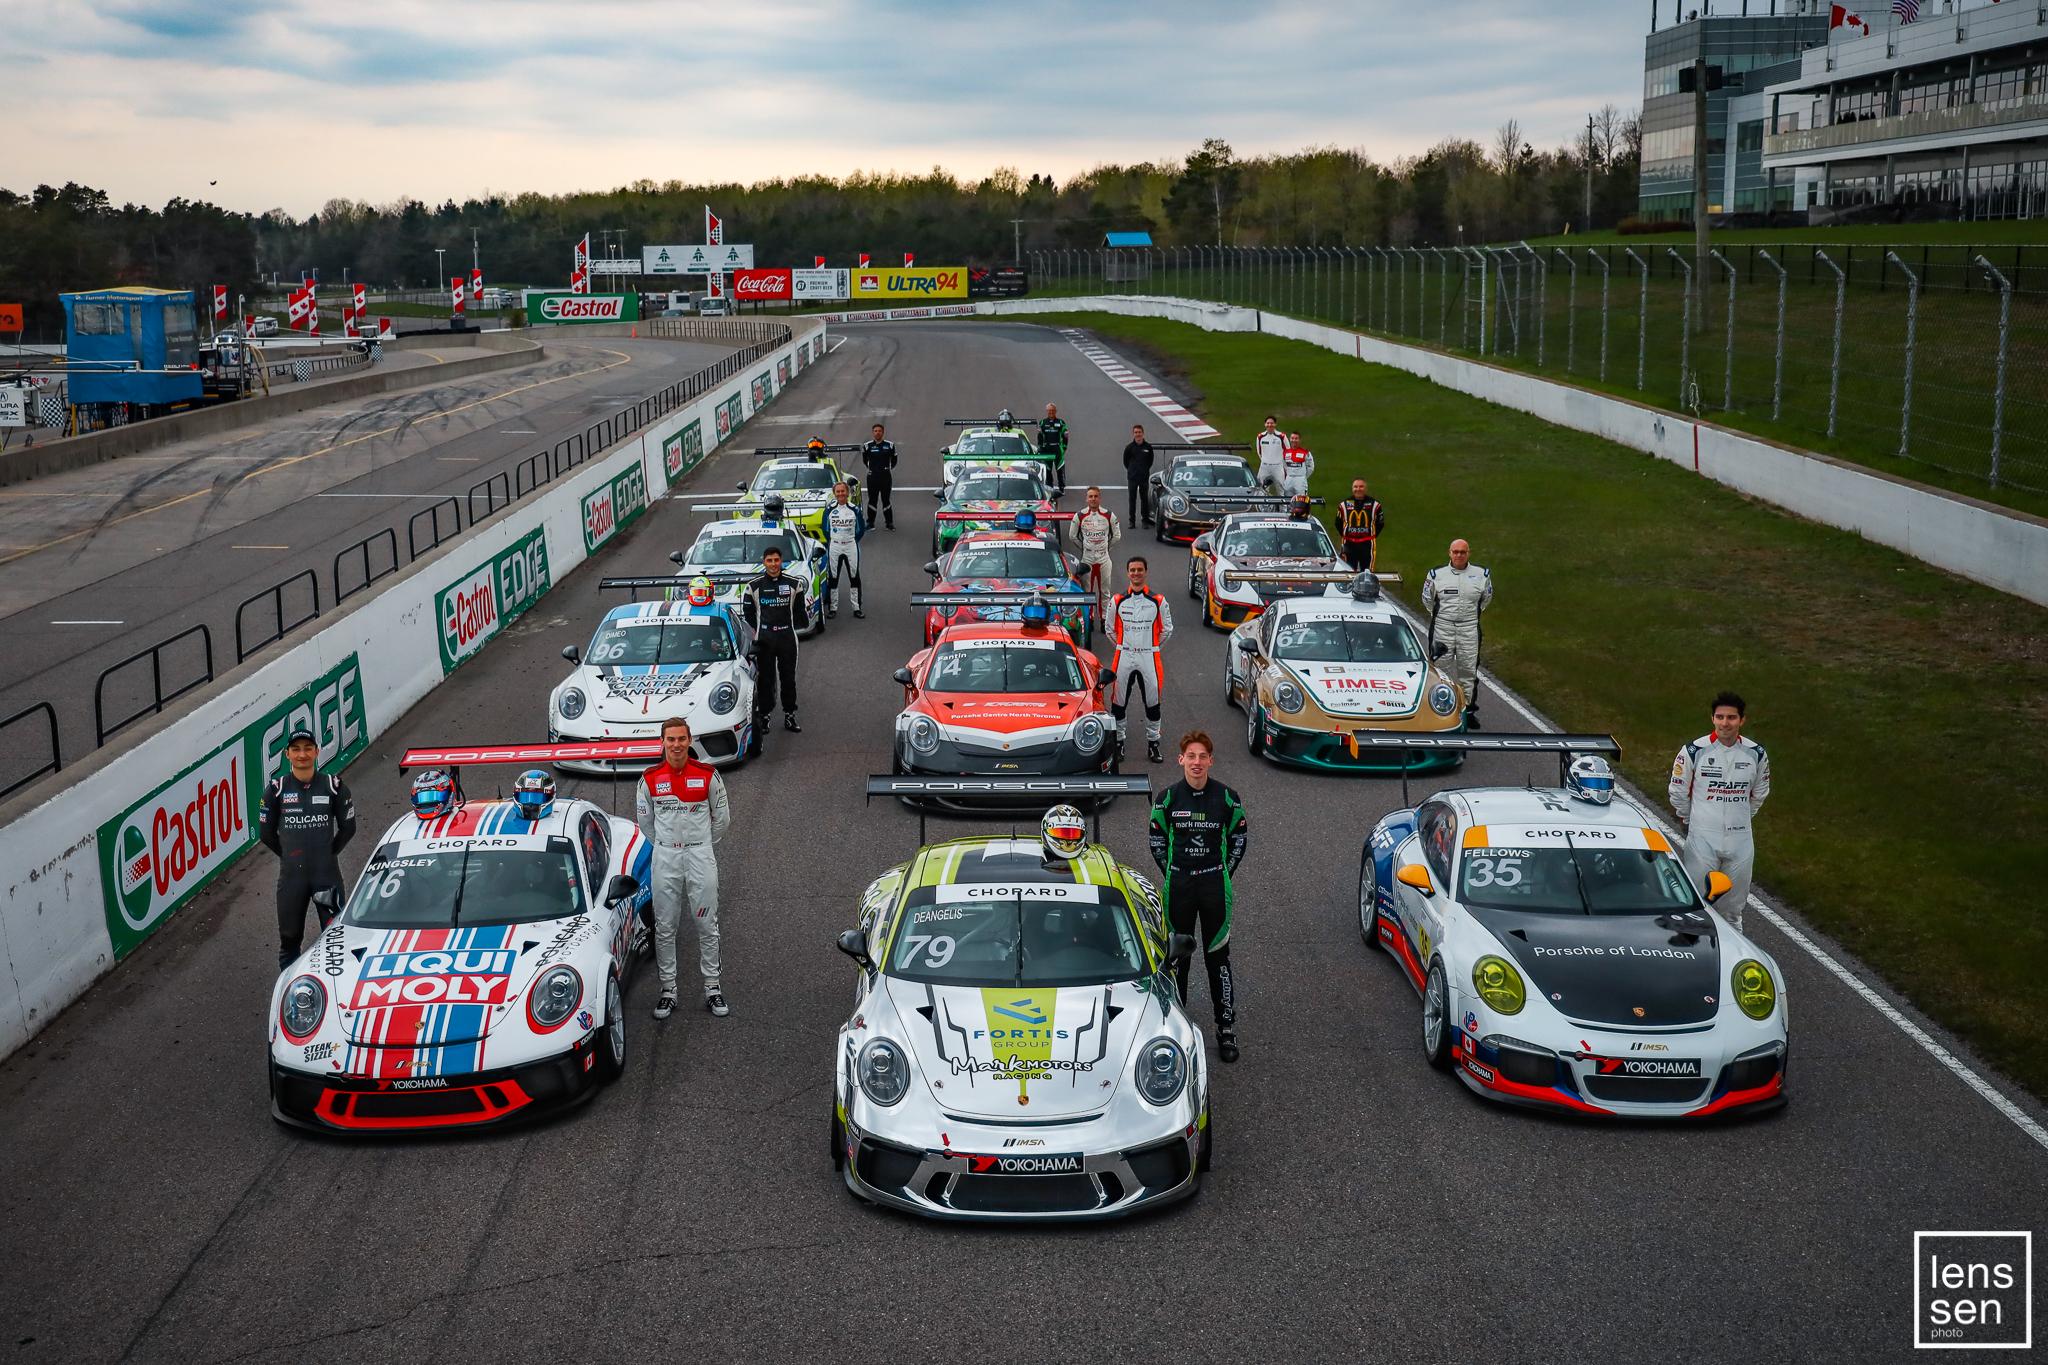 Porsche GT3 Cup Challenge Canada - 052019 - CTMP Mosport VDS 2019 - Lenssen Photo - 28 -9330.jpg